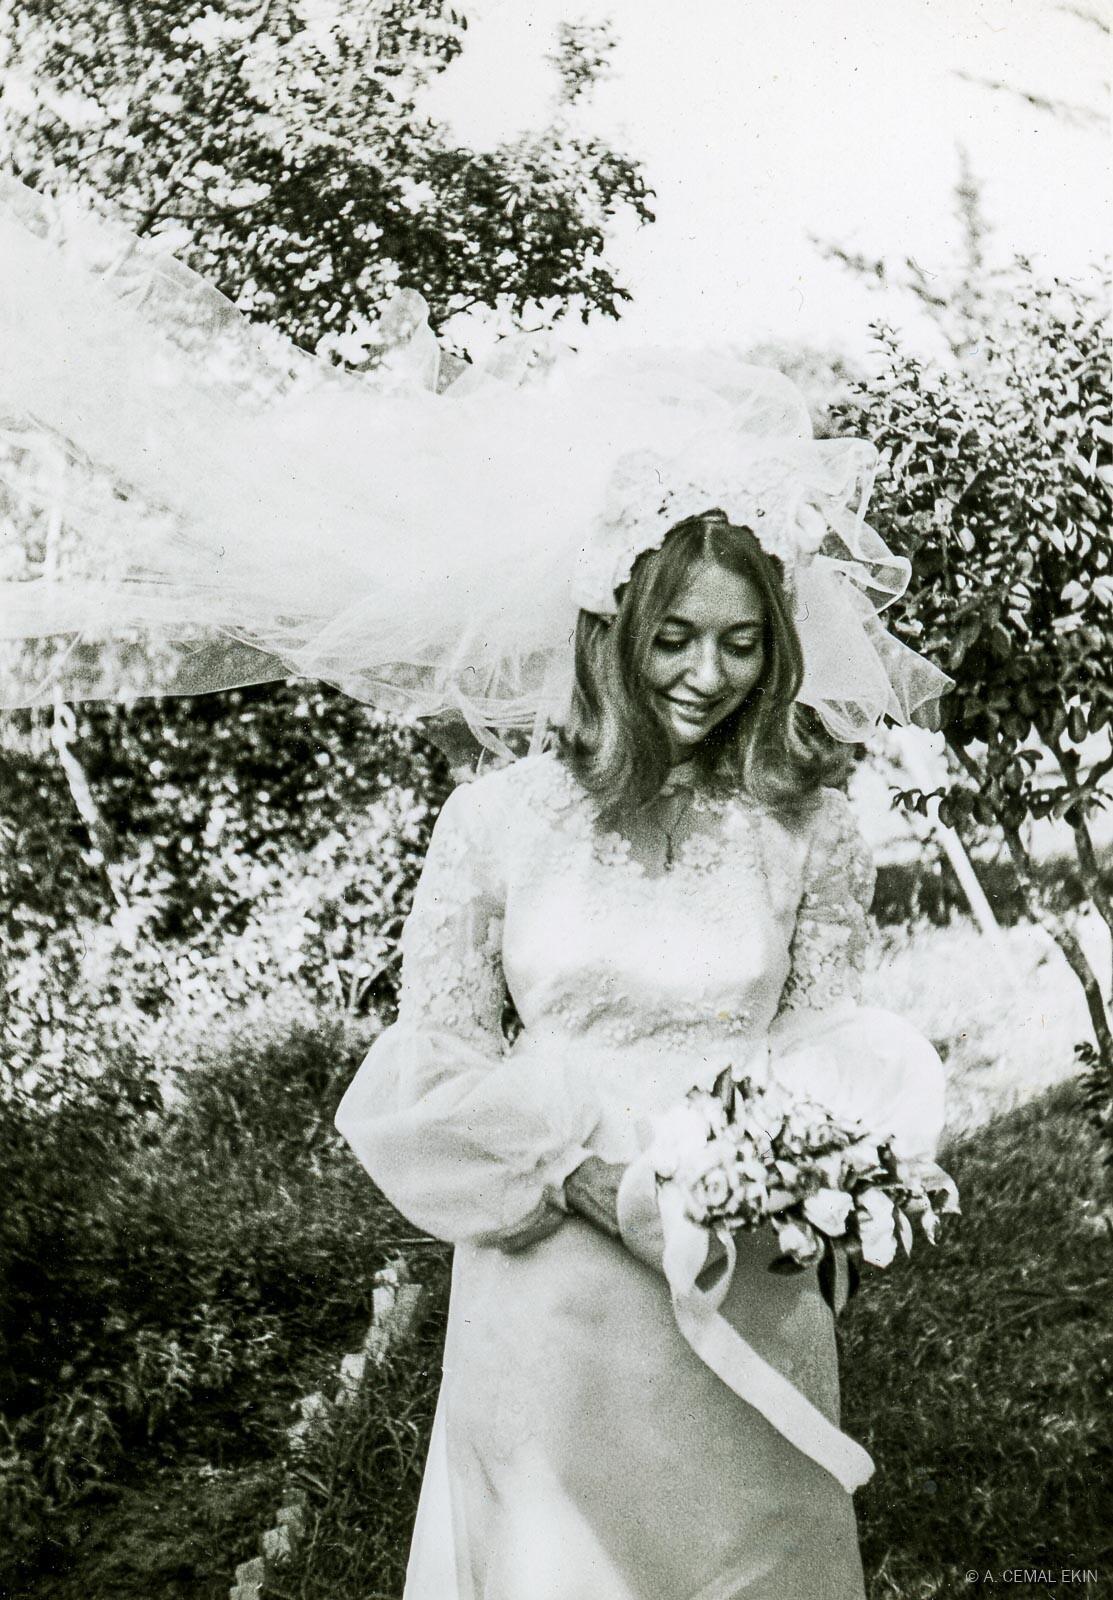 Jan wearing her wedding gown in Adana, Turkey